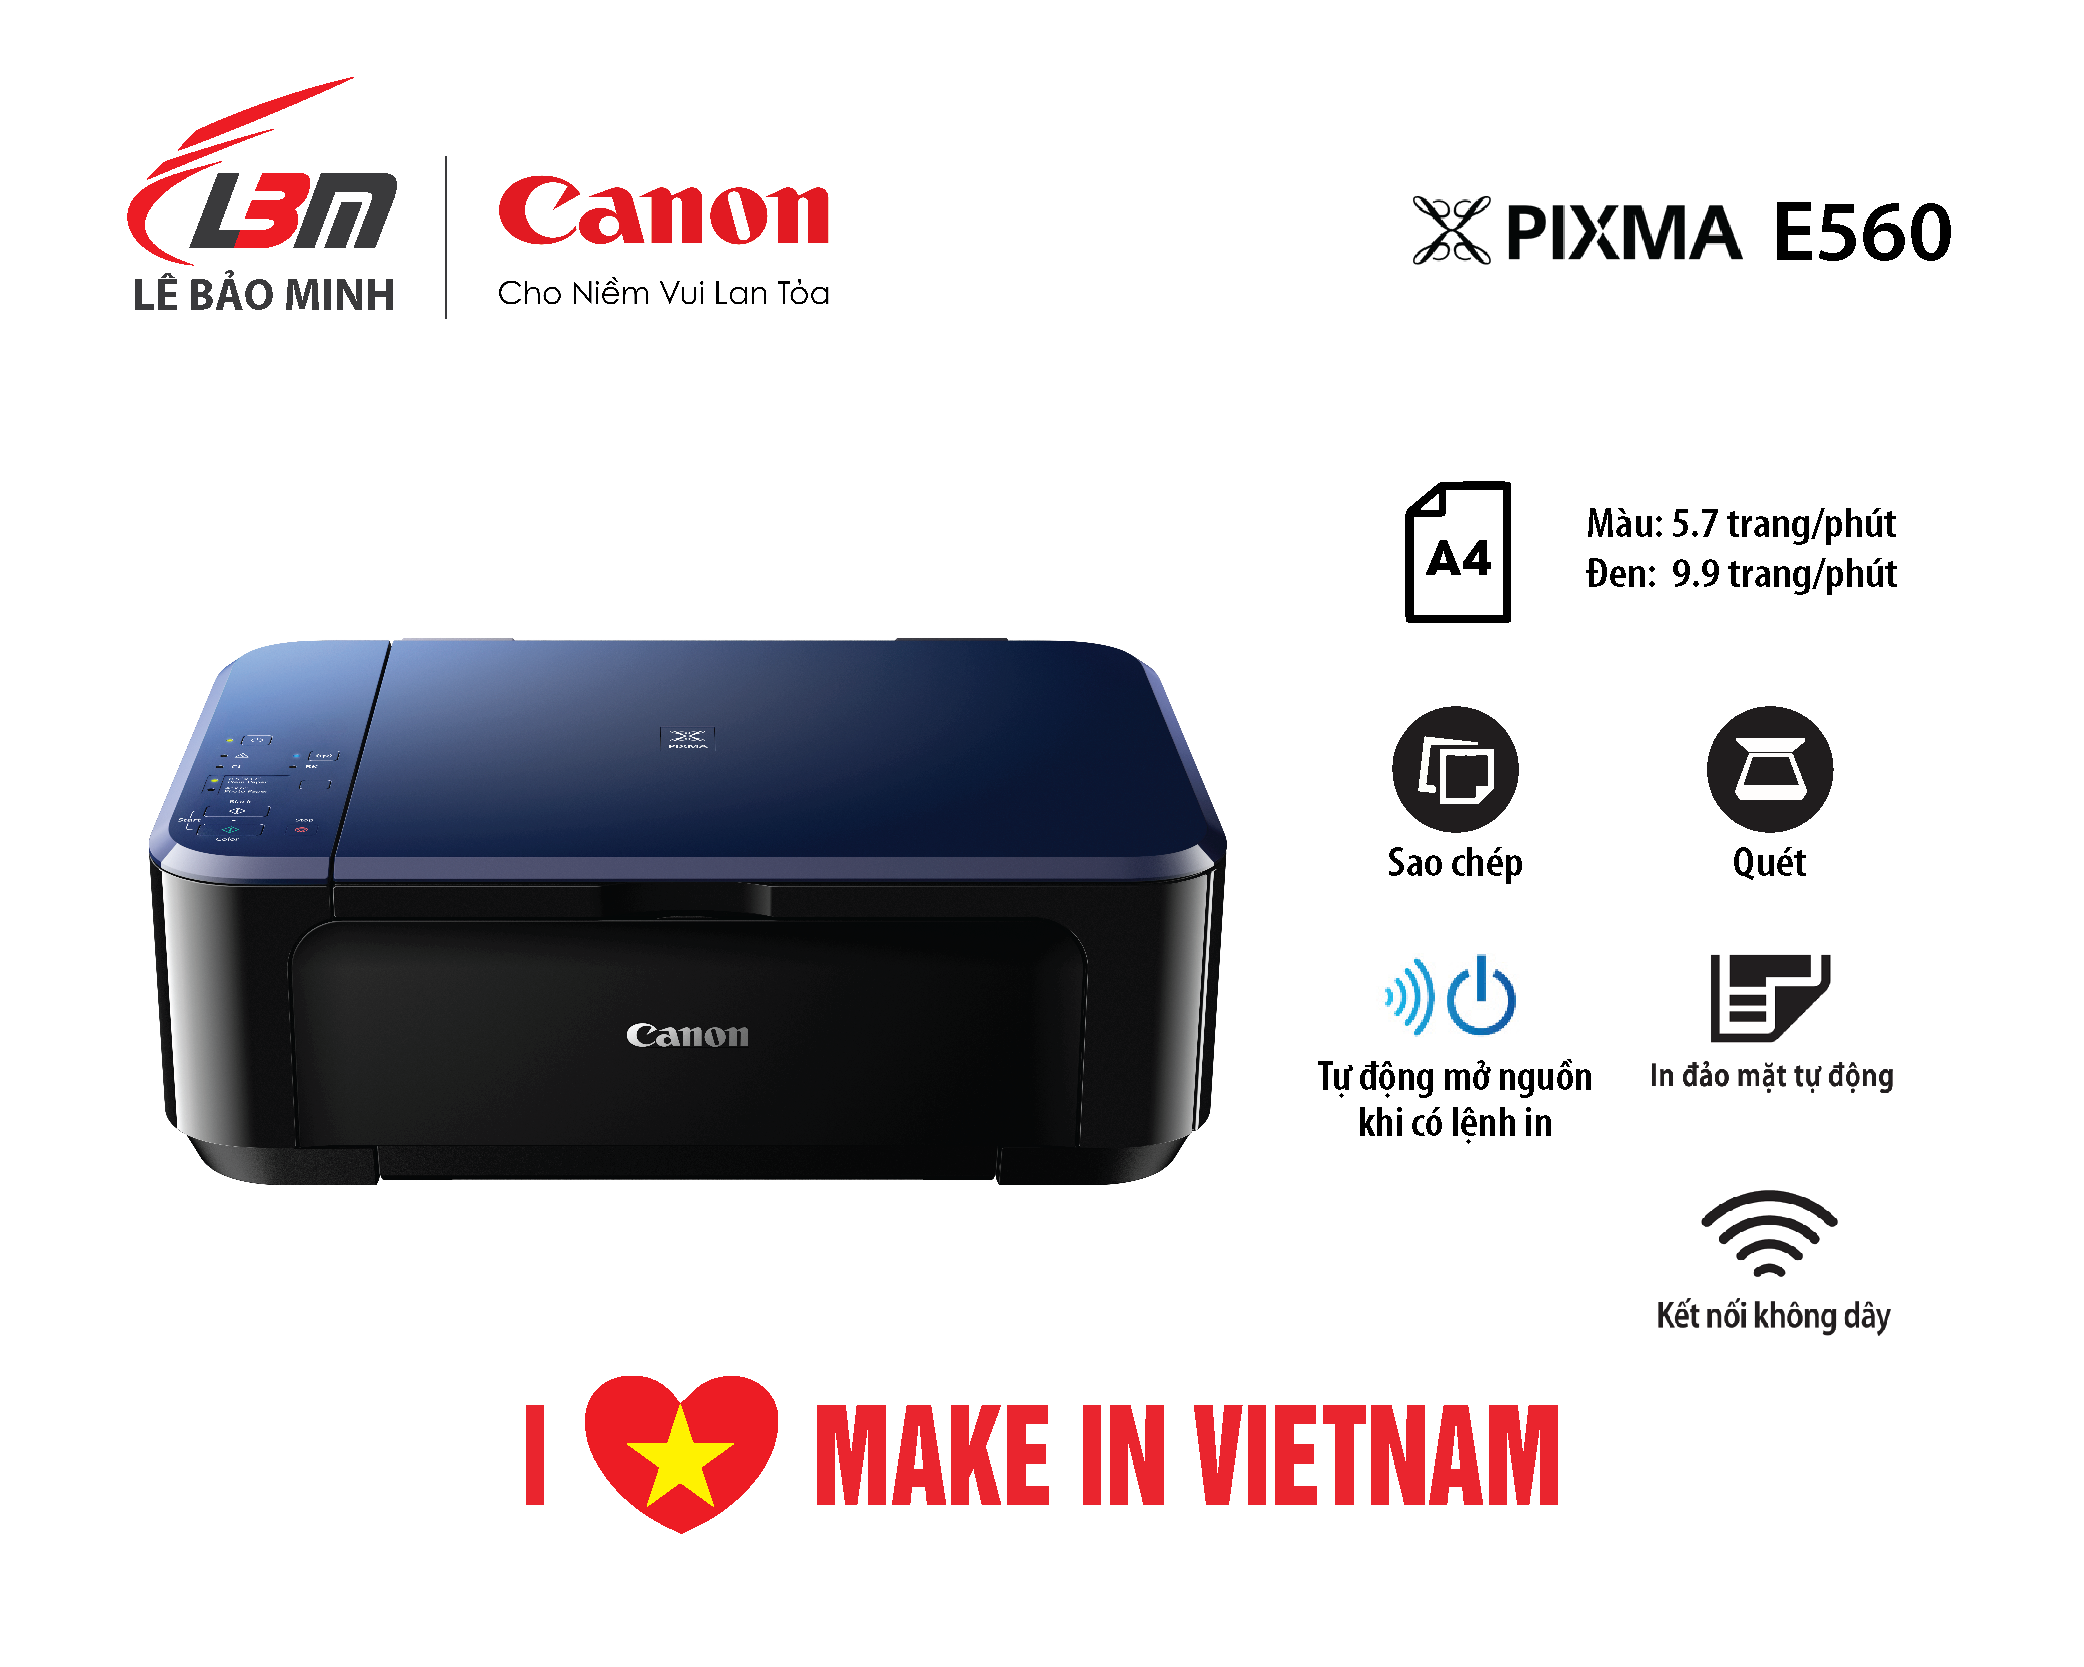 Máy in Phun Canon E560 Đa năng